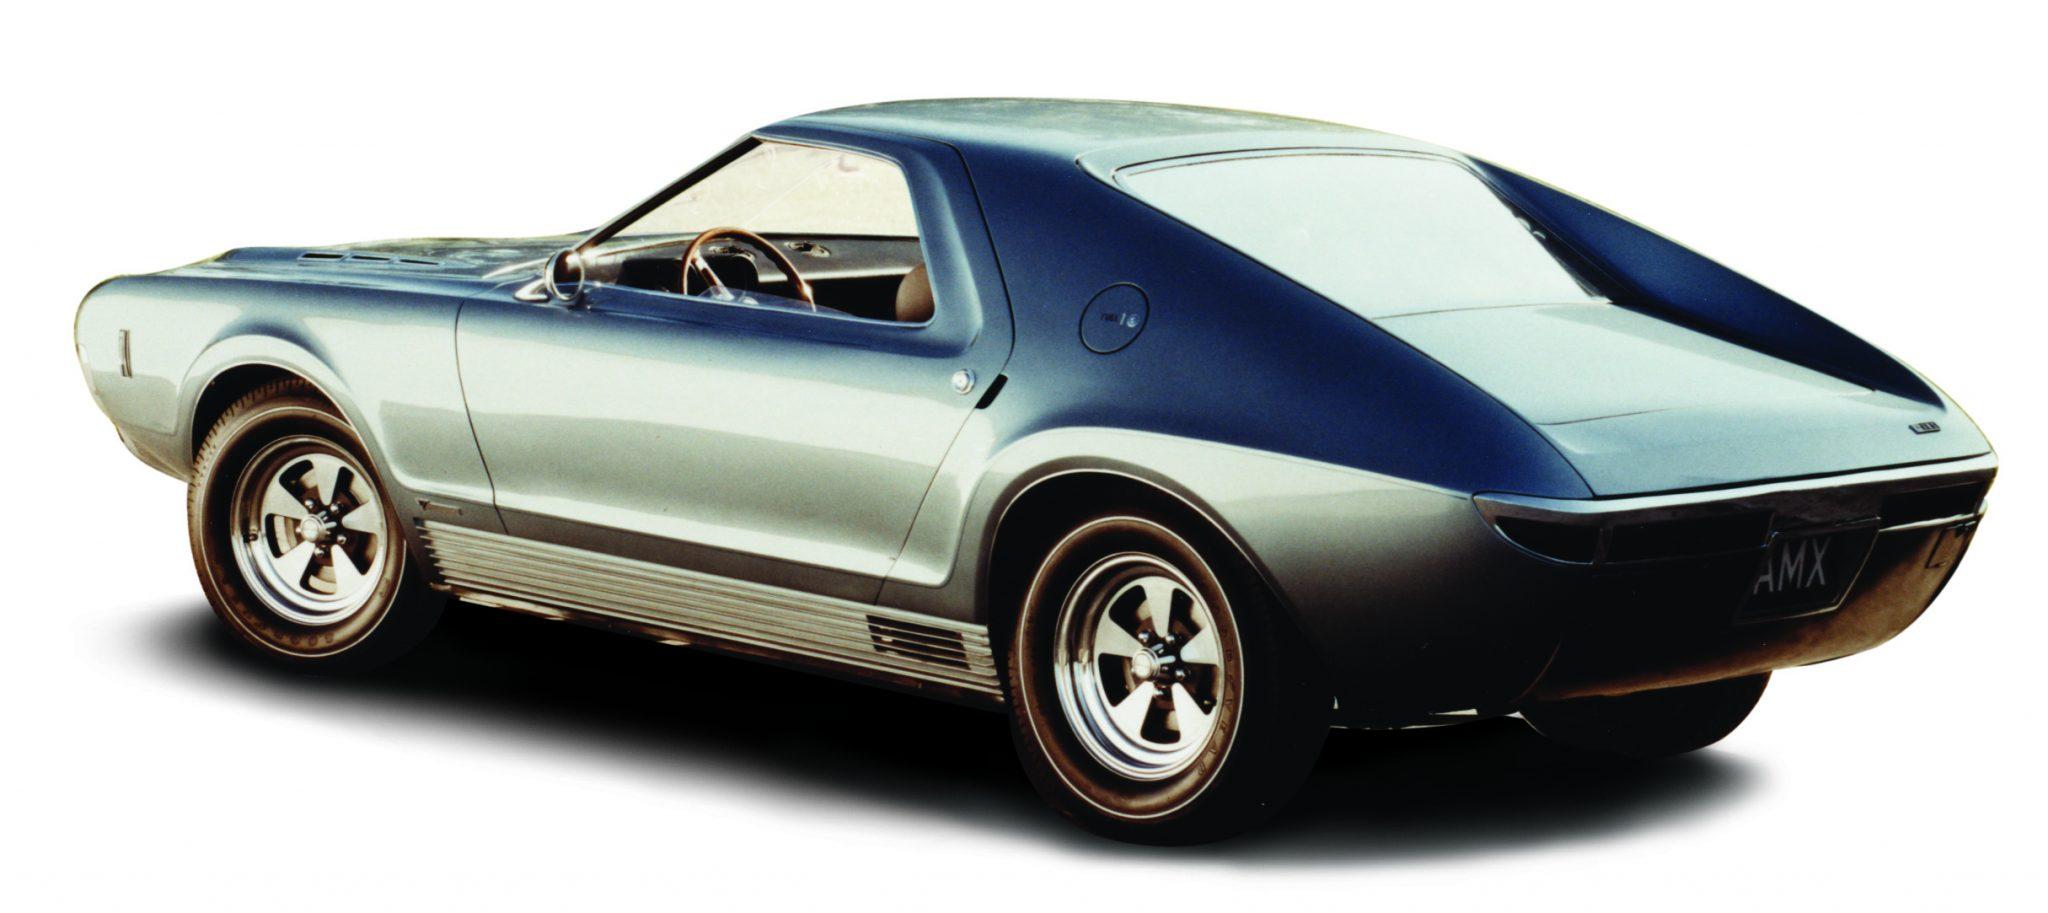 Finished 1966 Vignale AMX show car